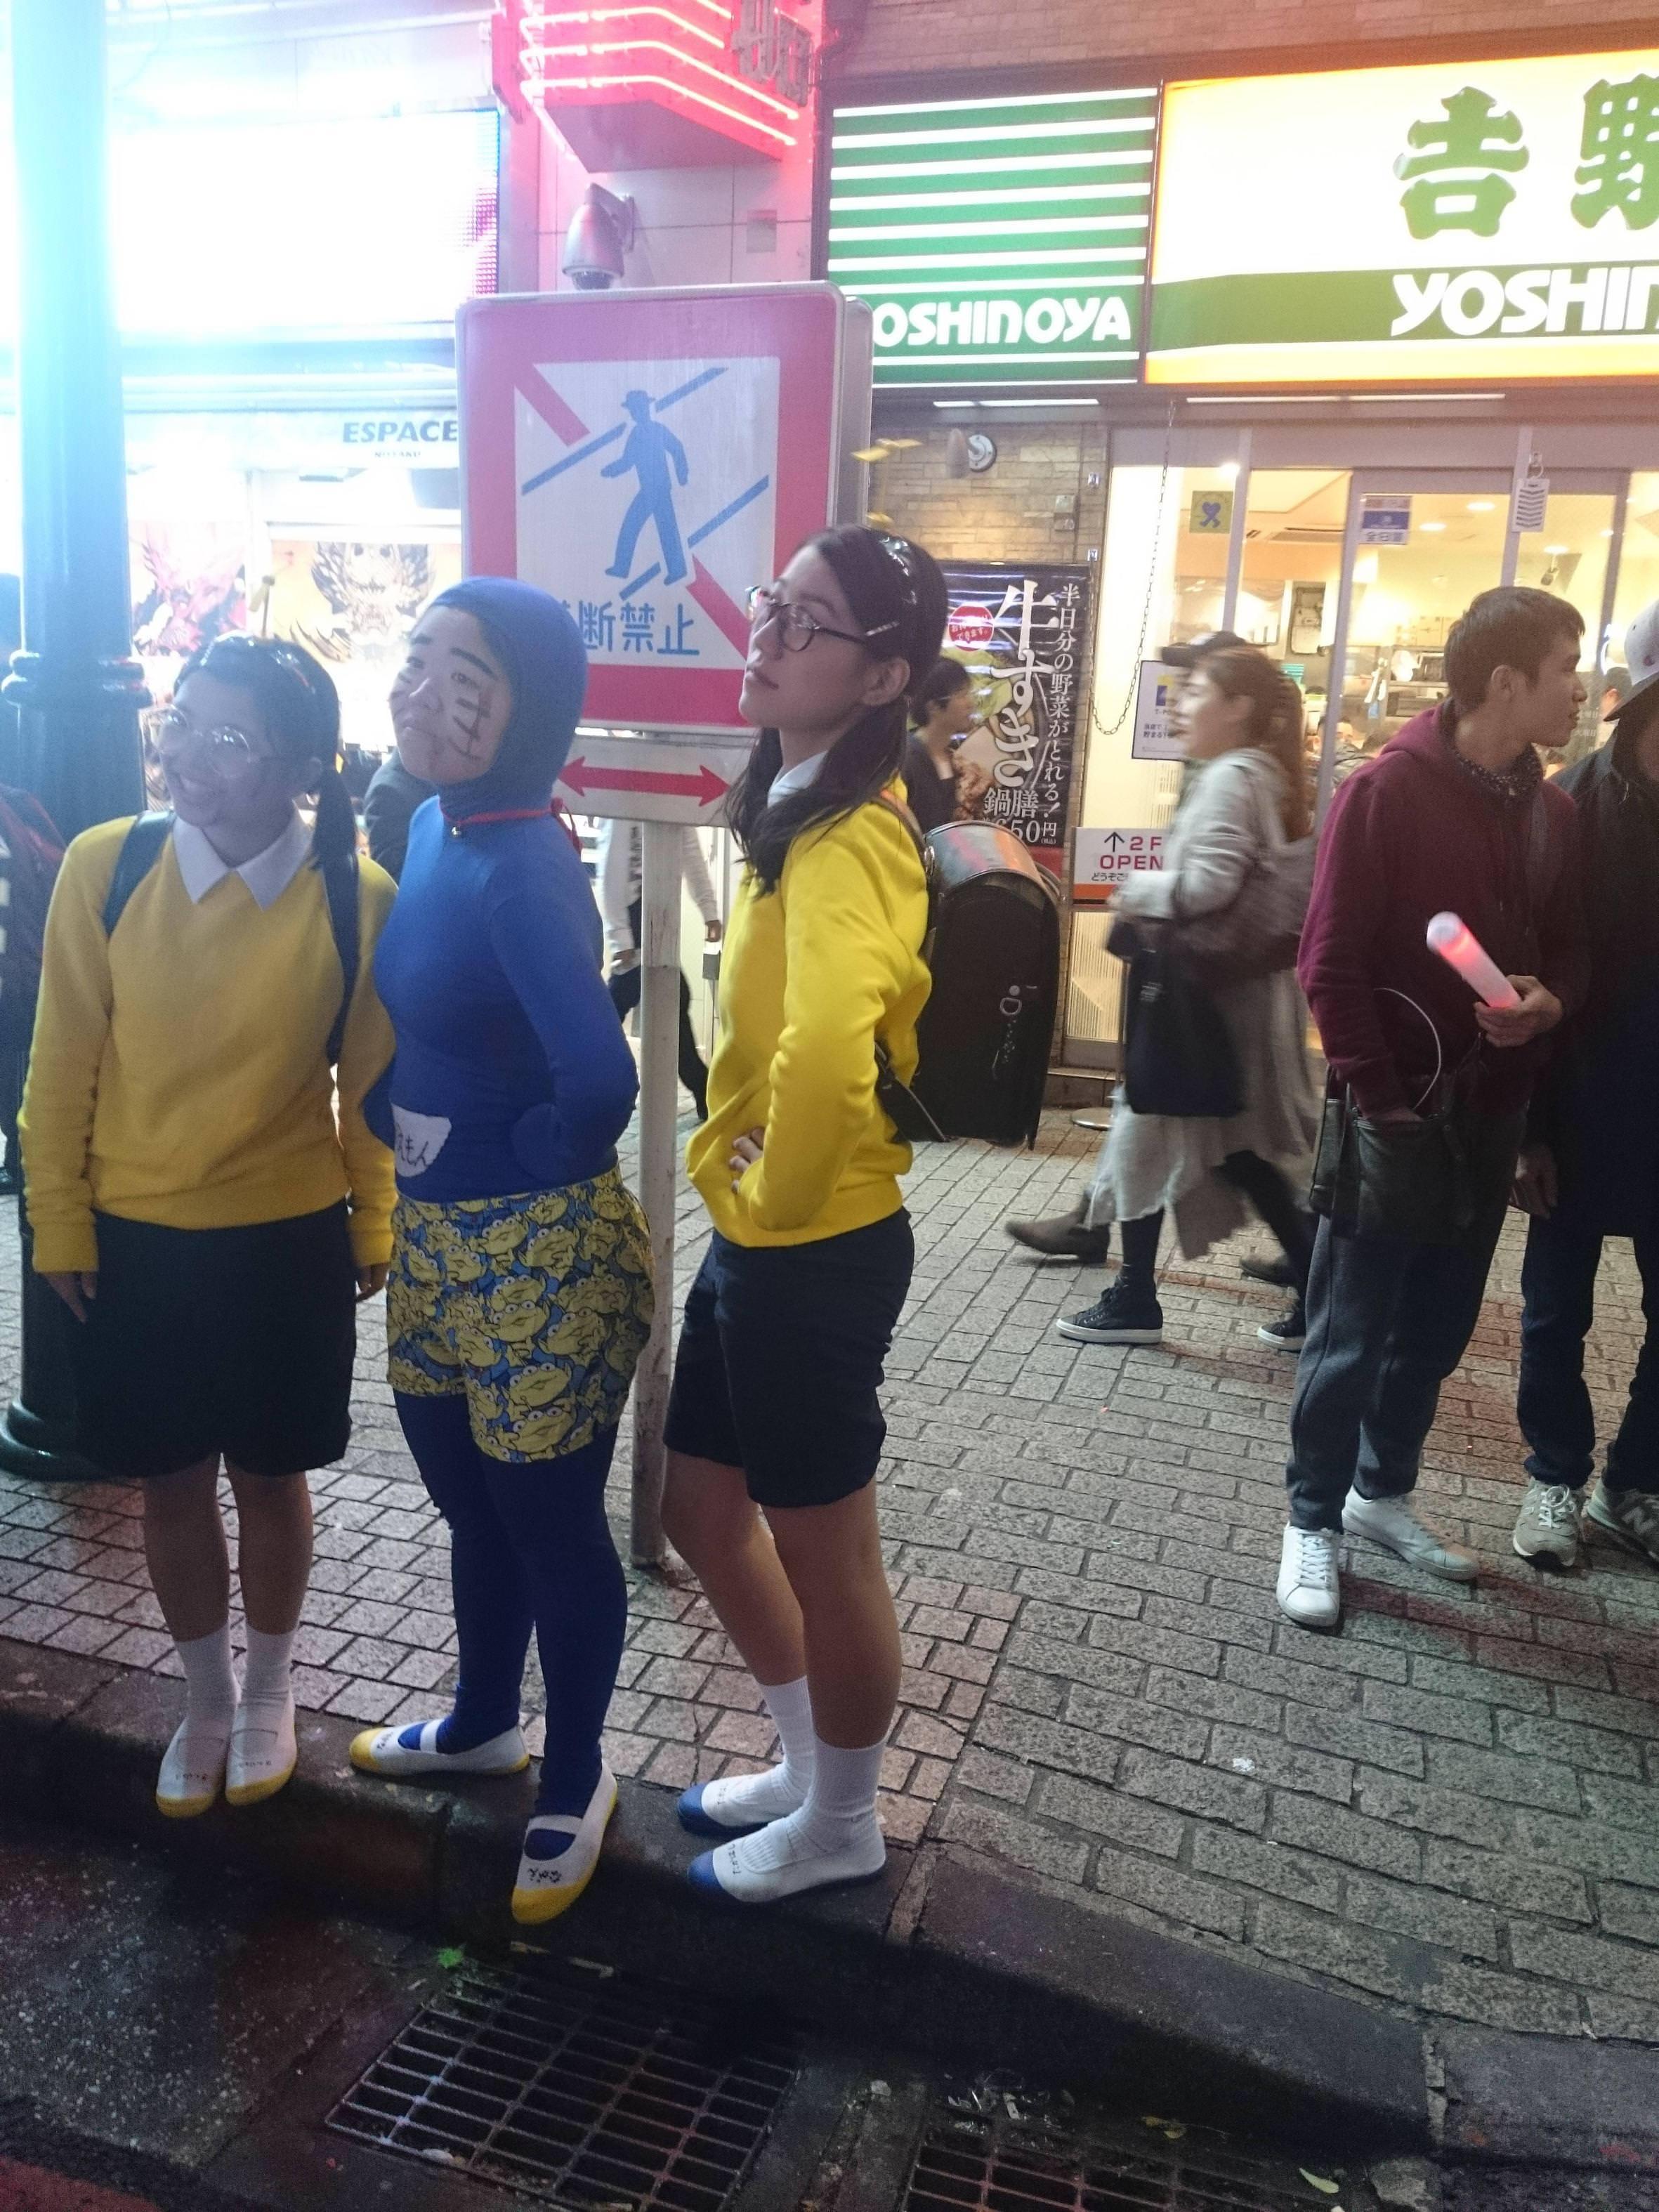 2ちゃんから集めた2016年渋谷のハロウィンコスプレ画像wwww 0153